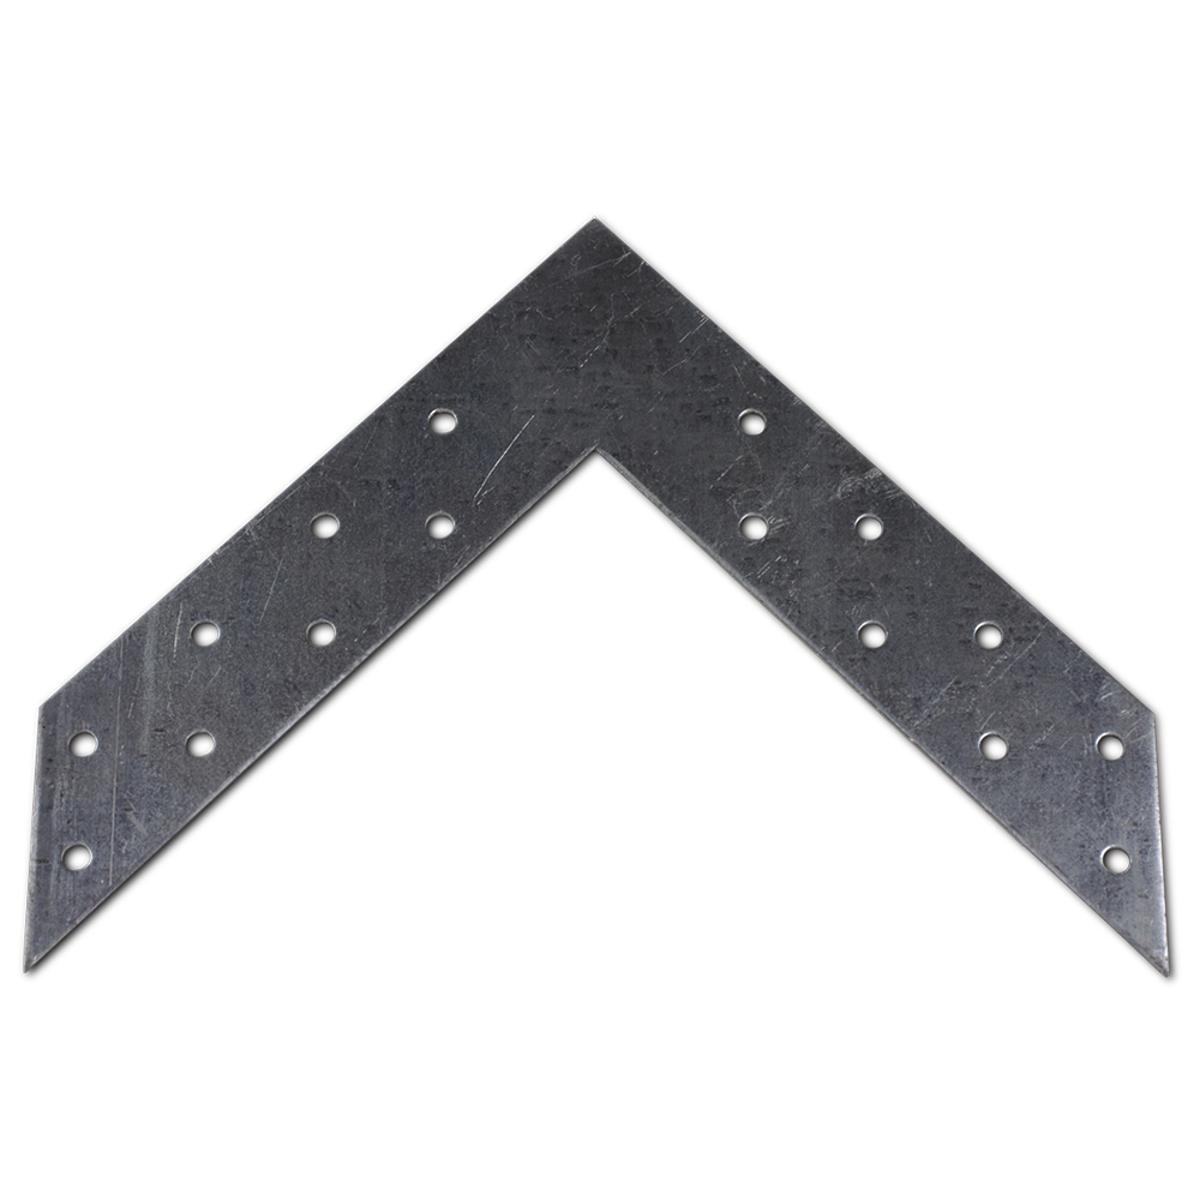 Угловой соединитель Госкрепеж, 145 х 145 х 35 мм, 8 штКР.090915Угловой соединитель предназначен для углового соединения деревянных элементов в одной плоскости, под углом 90°.